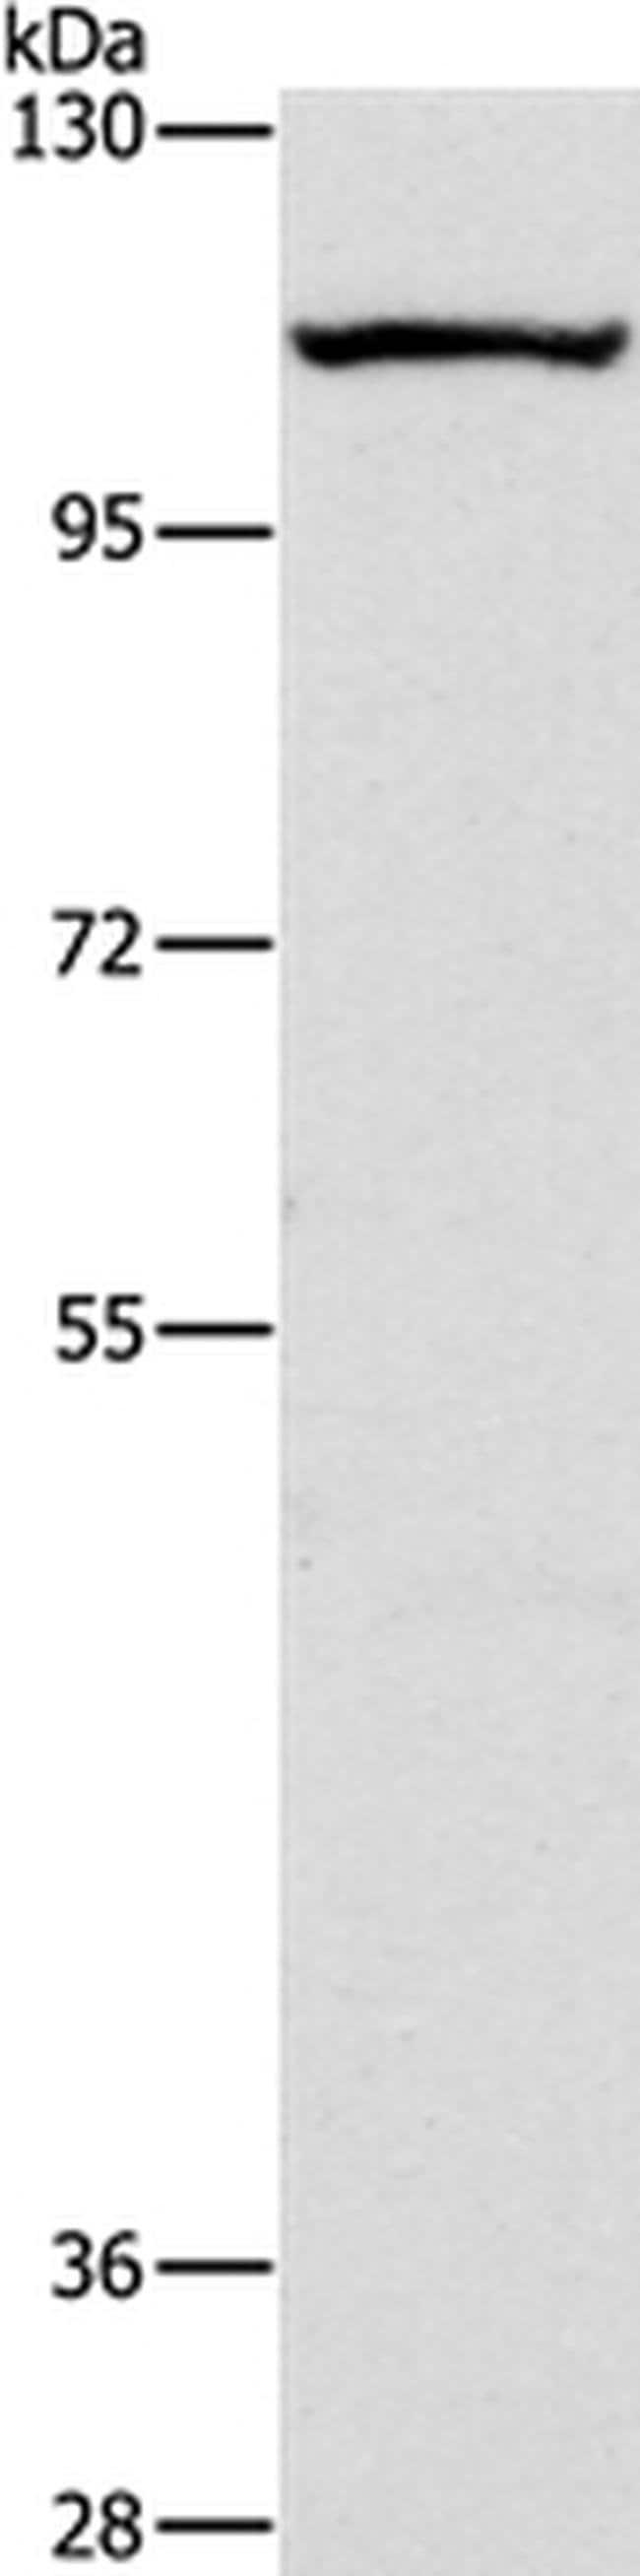 GPIP137 Rabbit anti-Human, Polyclonal, Invitrogen 100 µL; Unconjugated